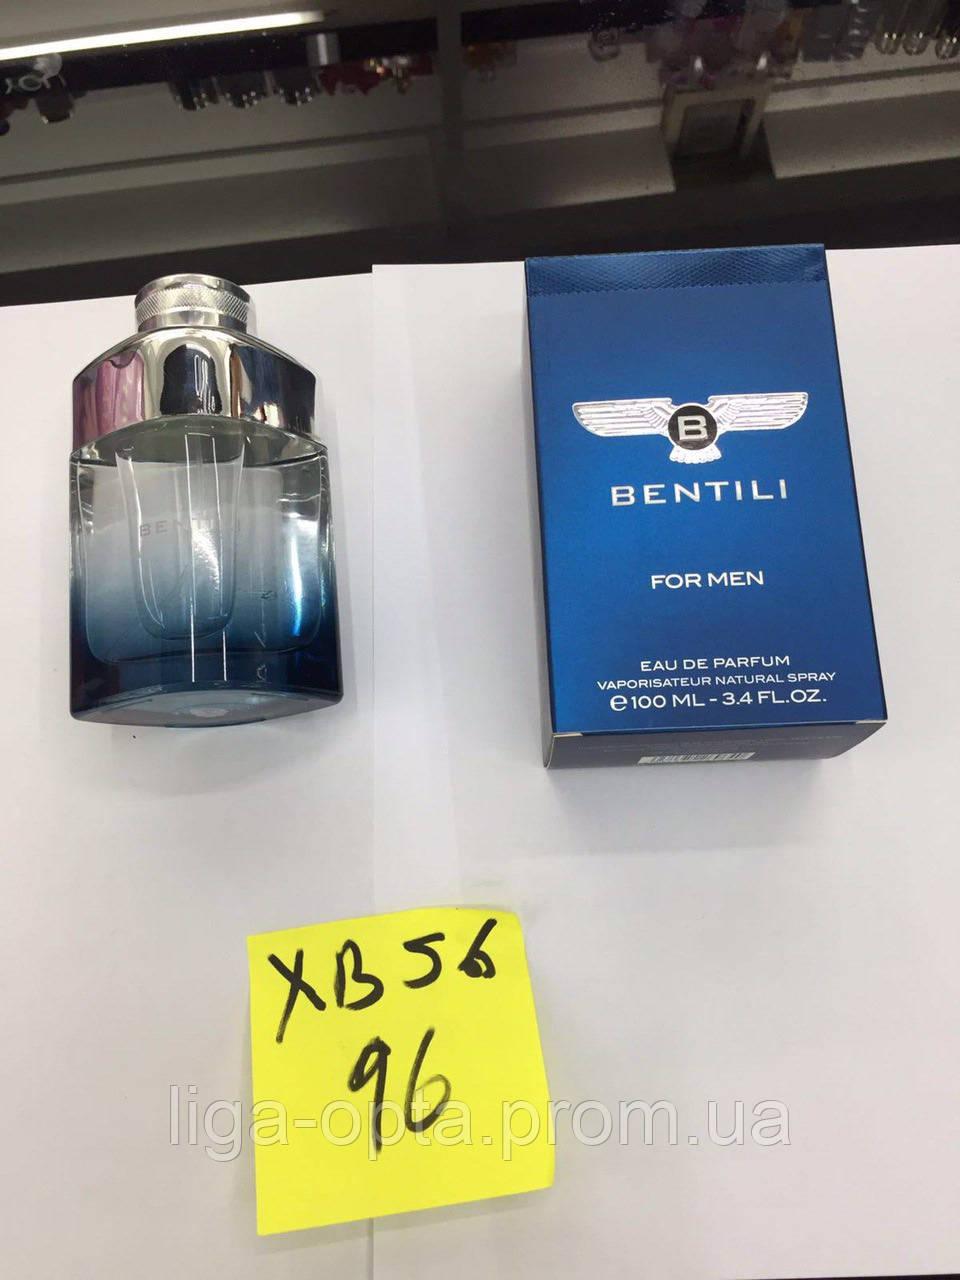 """Bentli- модный мужской аромат - Оптовый интернет-магазин """"ЛИГА ОПТА"""" в Одессе"""